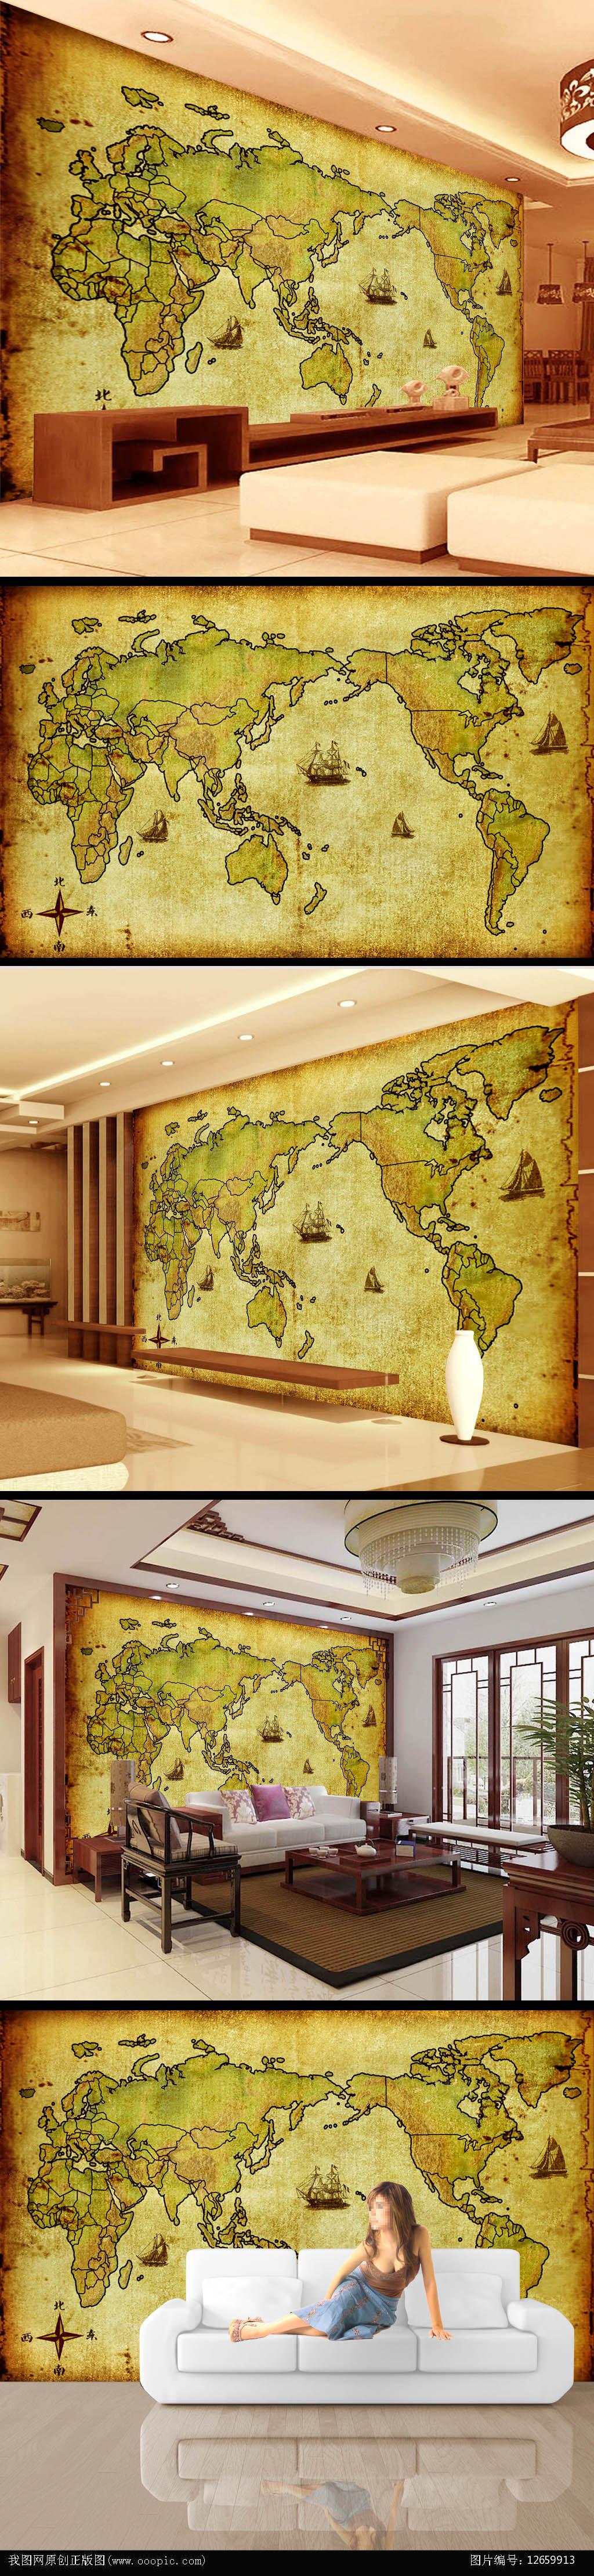 陈旧牛皮纸世界地图电视墙设计